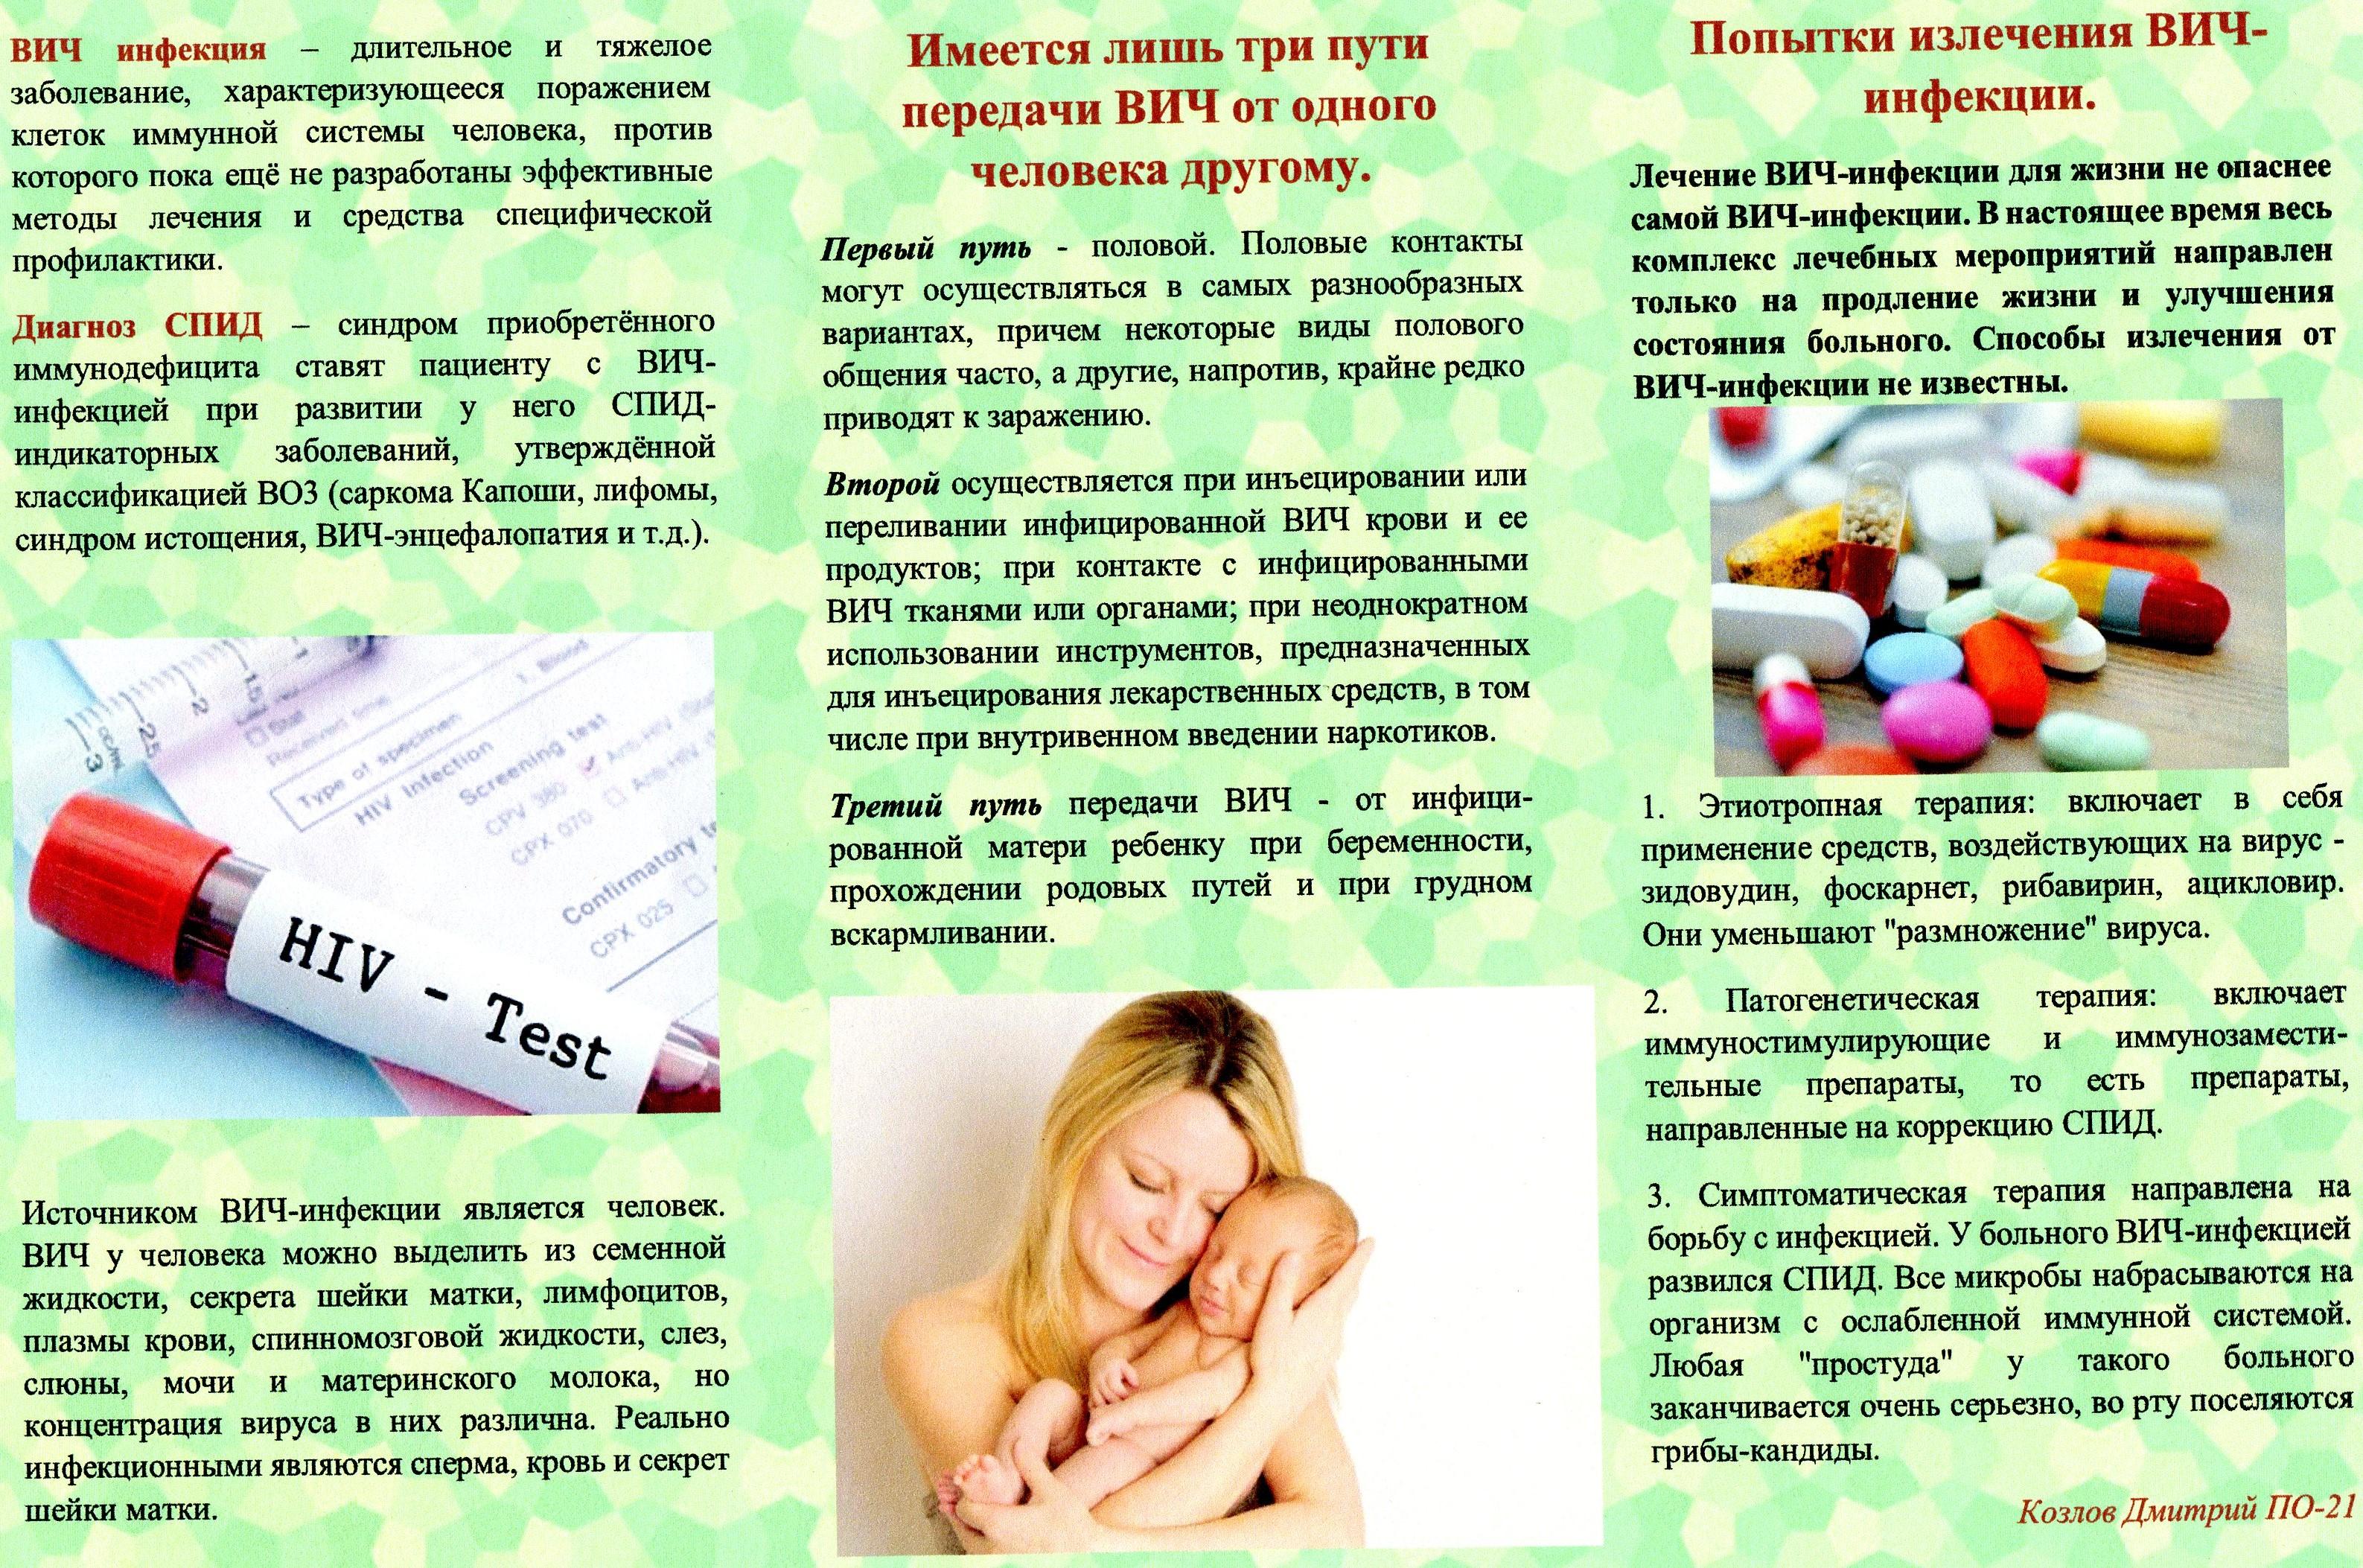 Вич у беременных профилактика 54